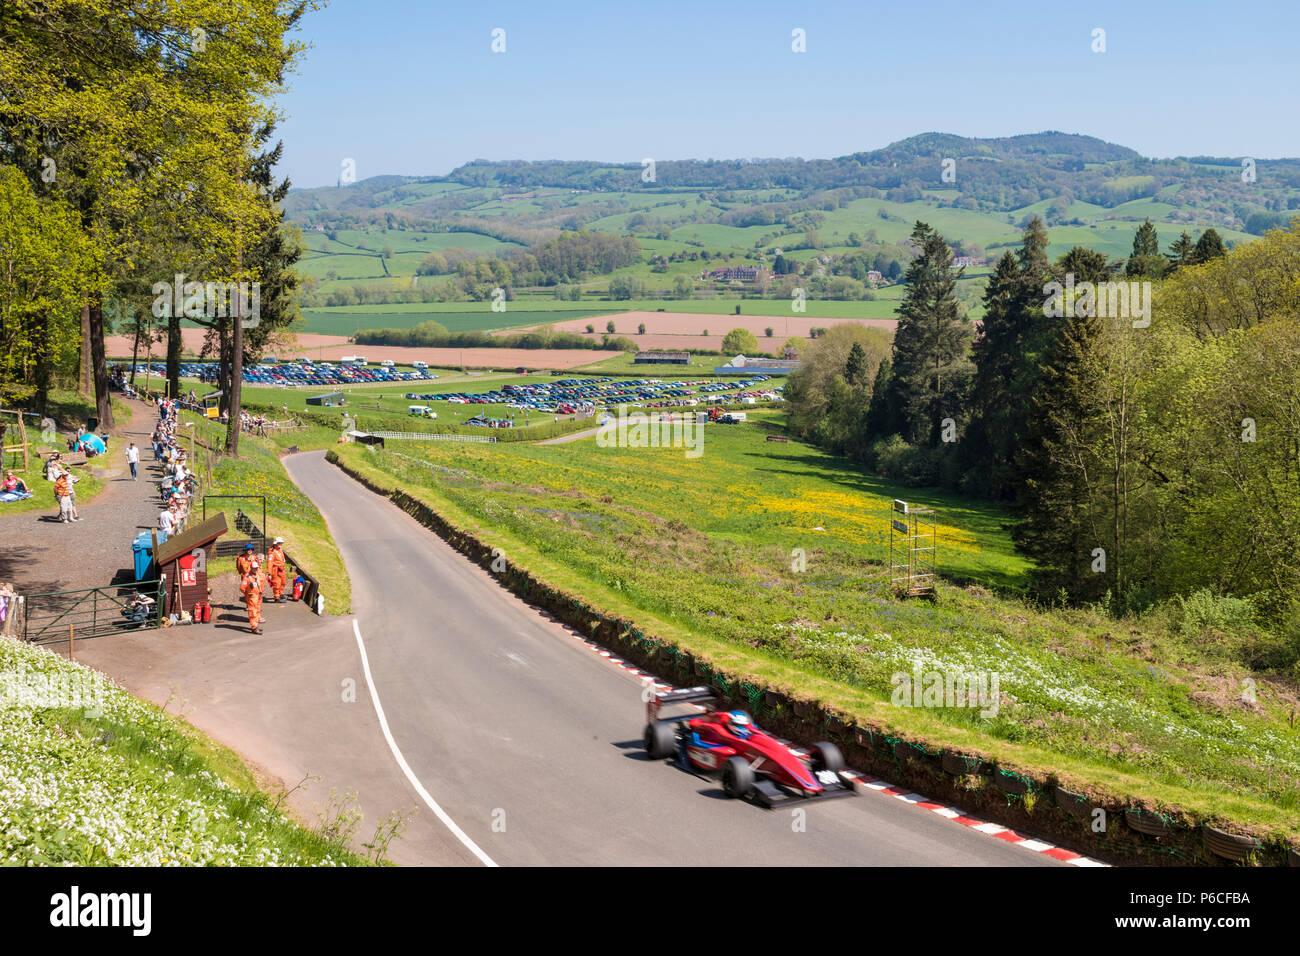 Shelsey walsh Hill Climb Photo Stock